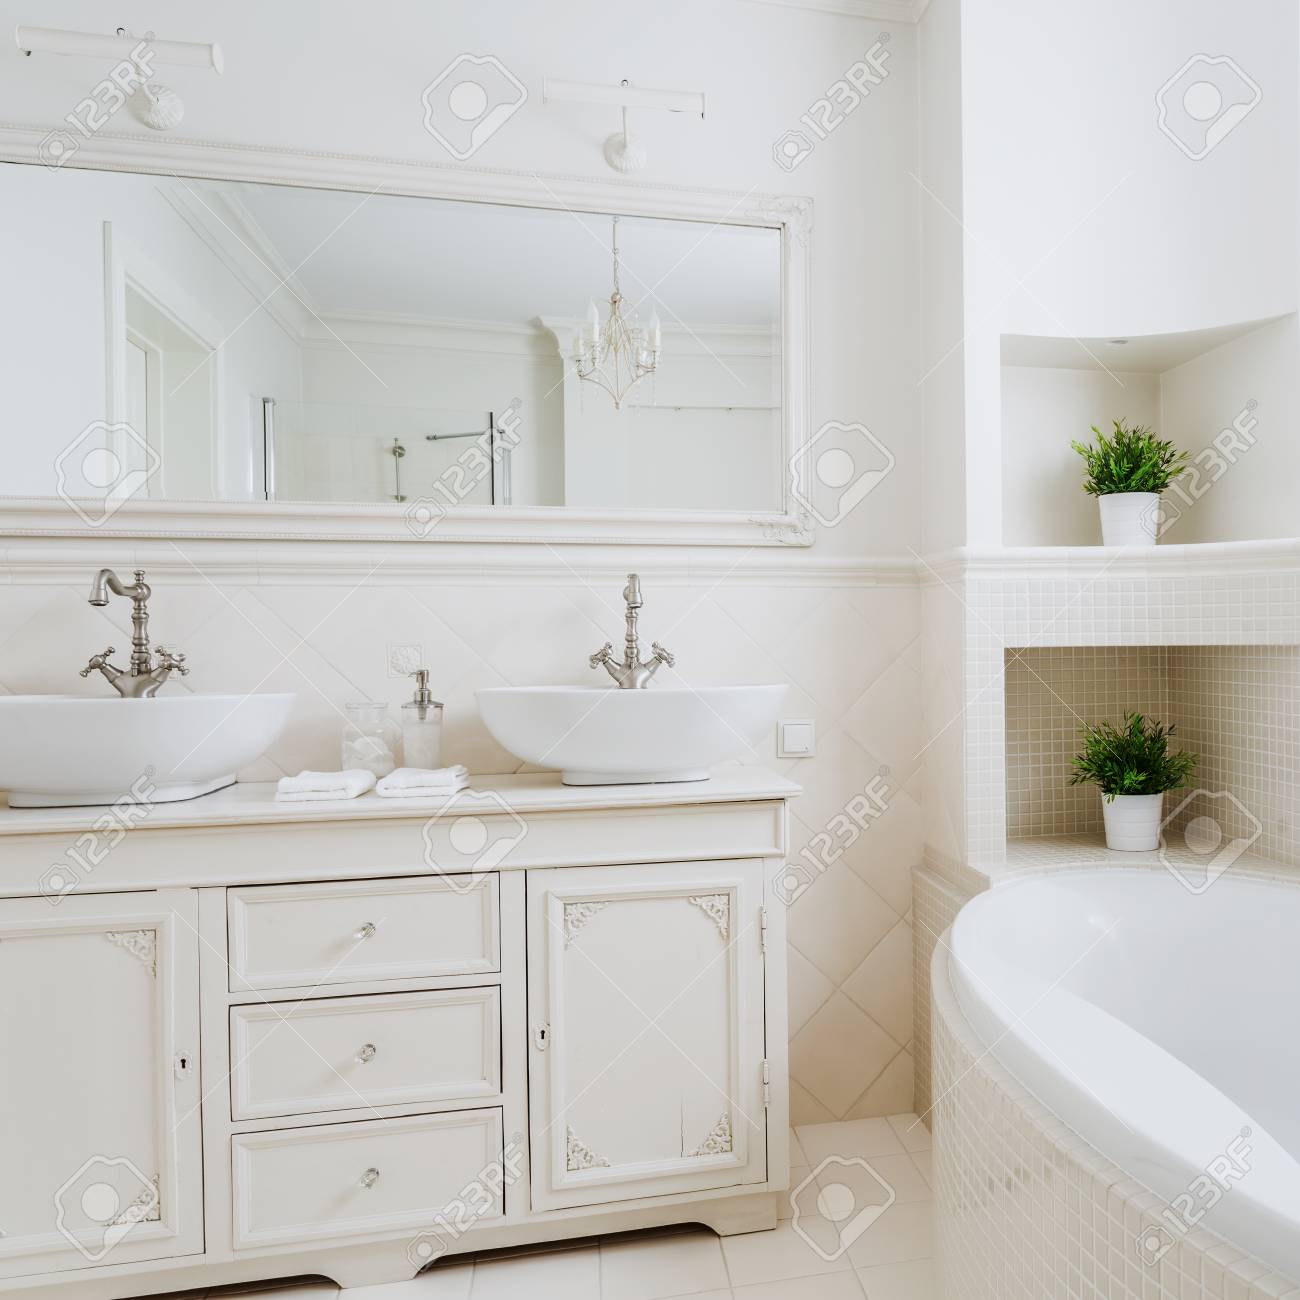 Licht Badezimmer Mit Zwei Waschbecken Und Großem Spiegel Lizenzfreie ...